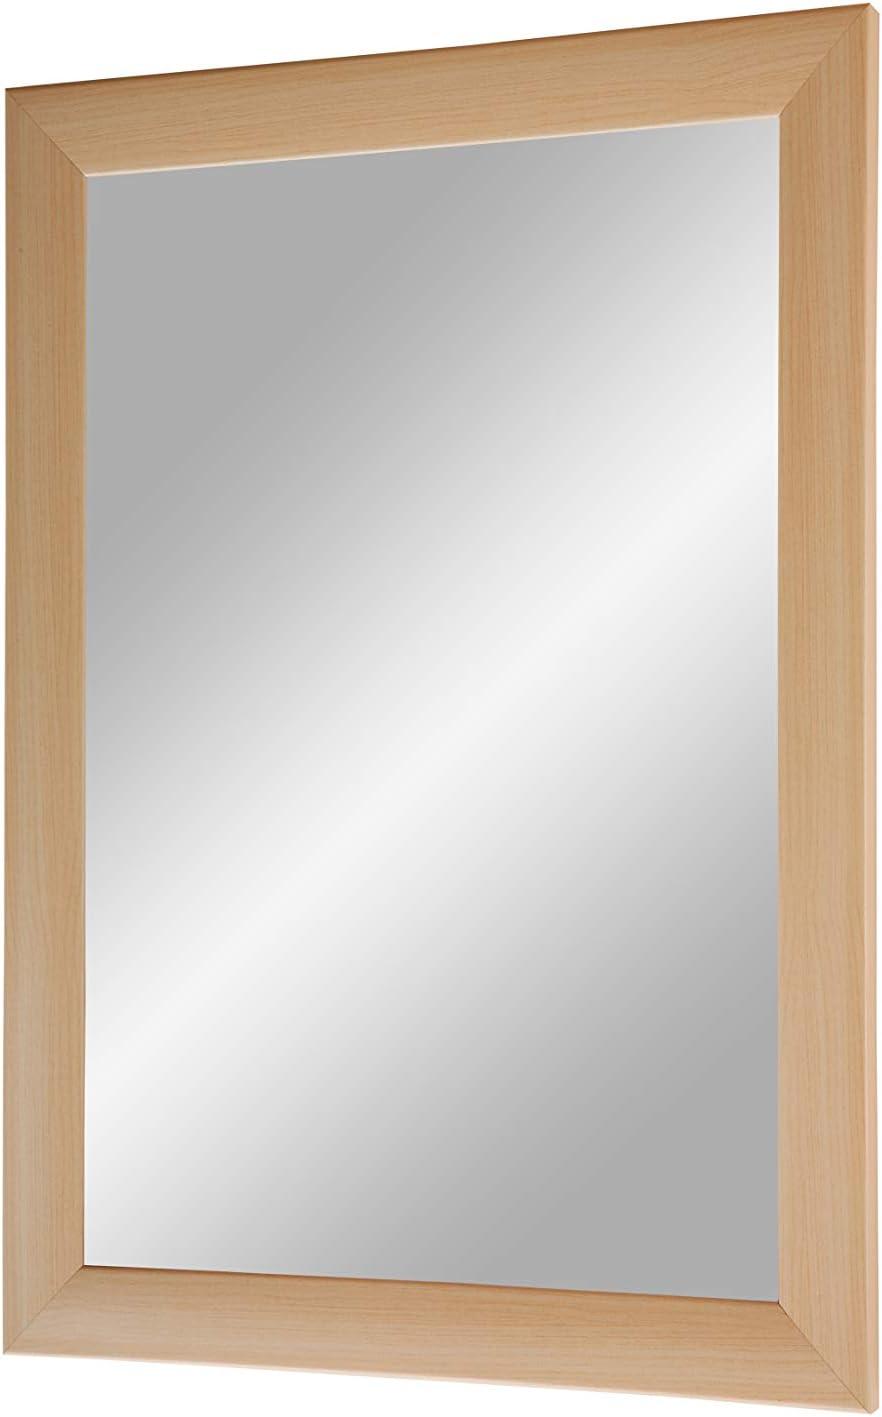 Cadre de Miroir sur Mesure Comprenant Un Miroir et Une paroi arri/ère Stable avec Fixations H/être Miroir avec Une Barre de Bois MDF Miroir Mural 30x30 cm avec Cadre Duisburger-Rahmen24 Flex 35